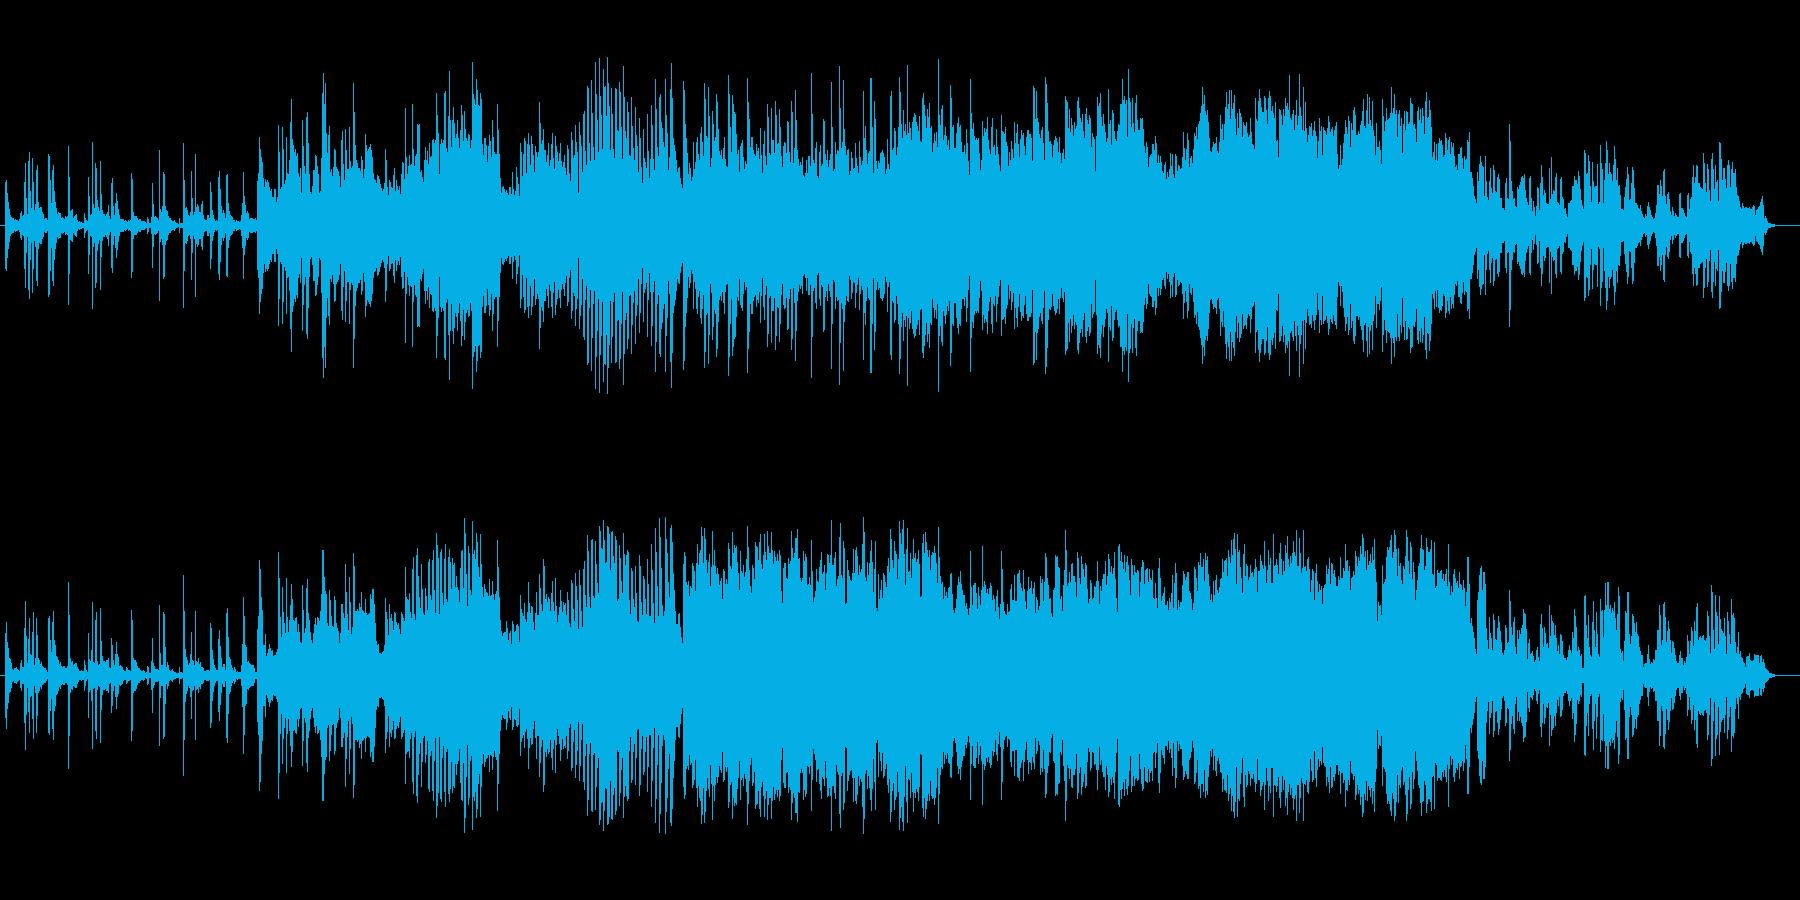 甘く切ないピアノとフルートのオーケストラの再生済みの波形